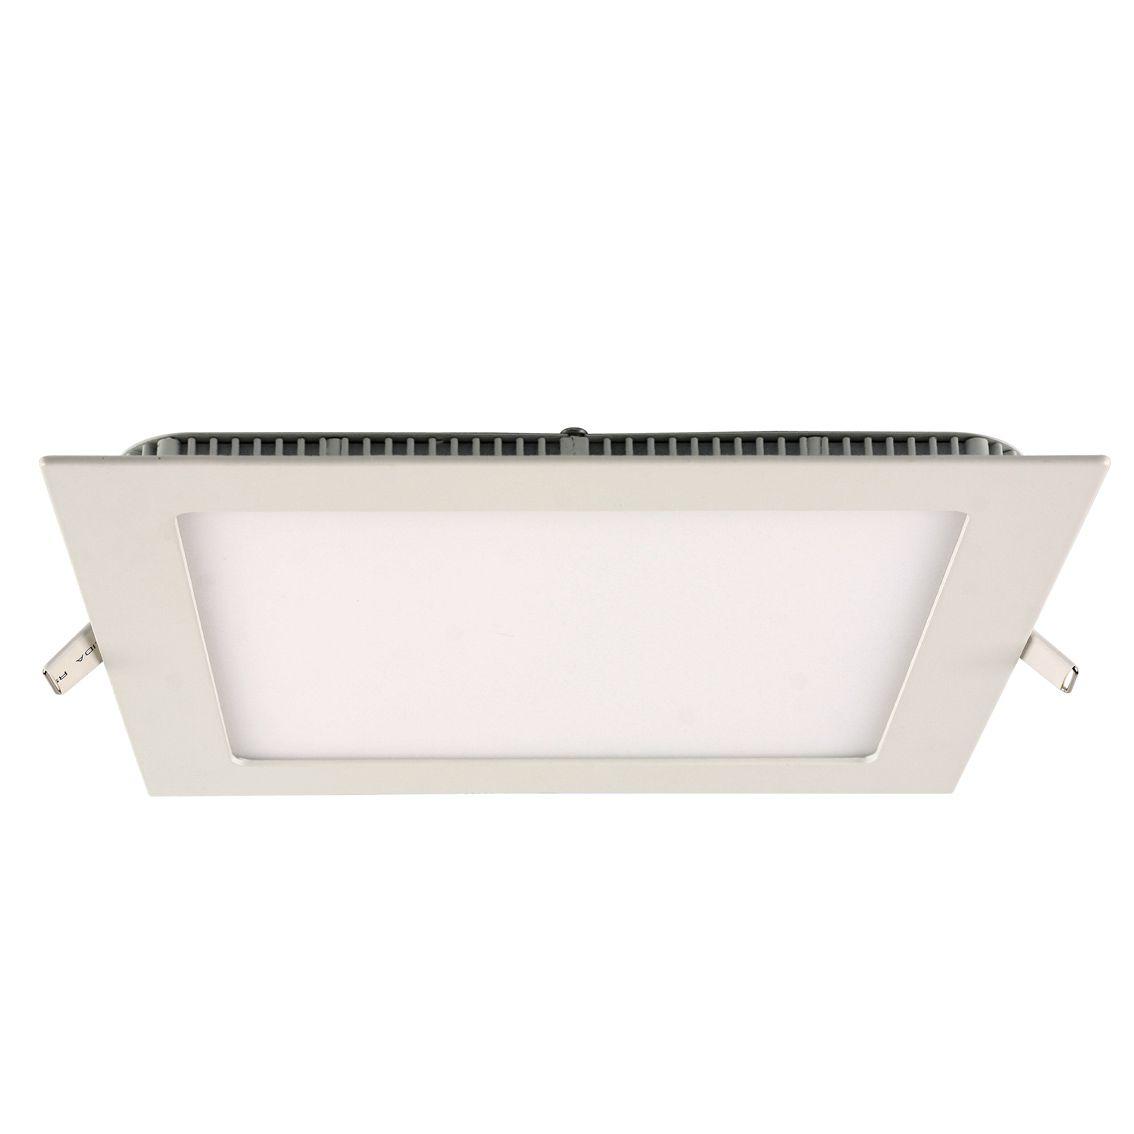 Painel Embutir Led Quadrado - 18w 6500k Bi-volt INATIVO